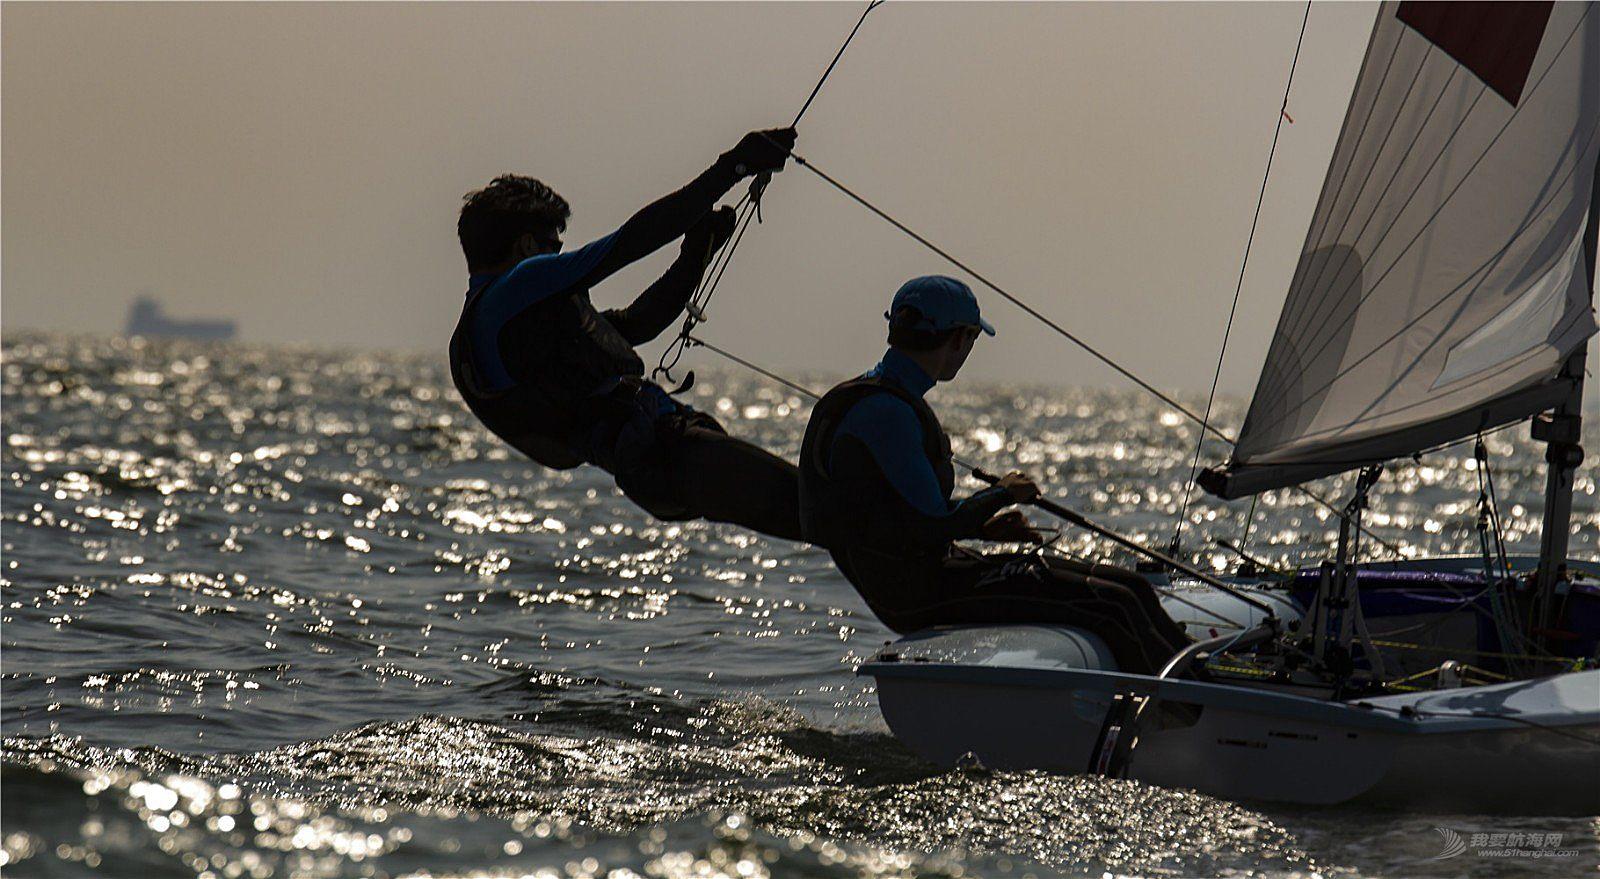 2016.国际帆船赛青岛站精彩赛事。